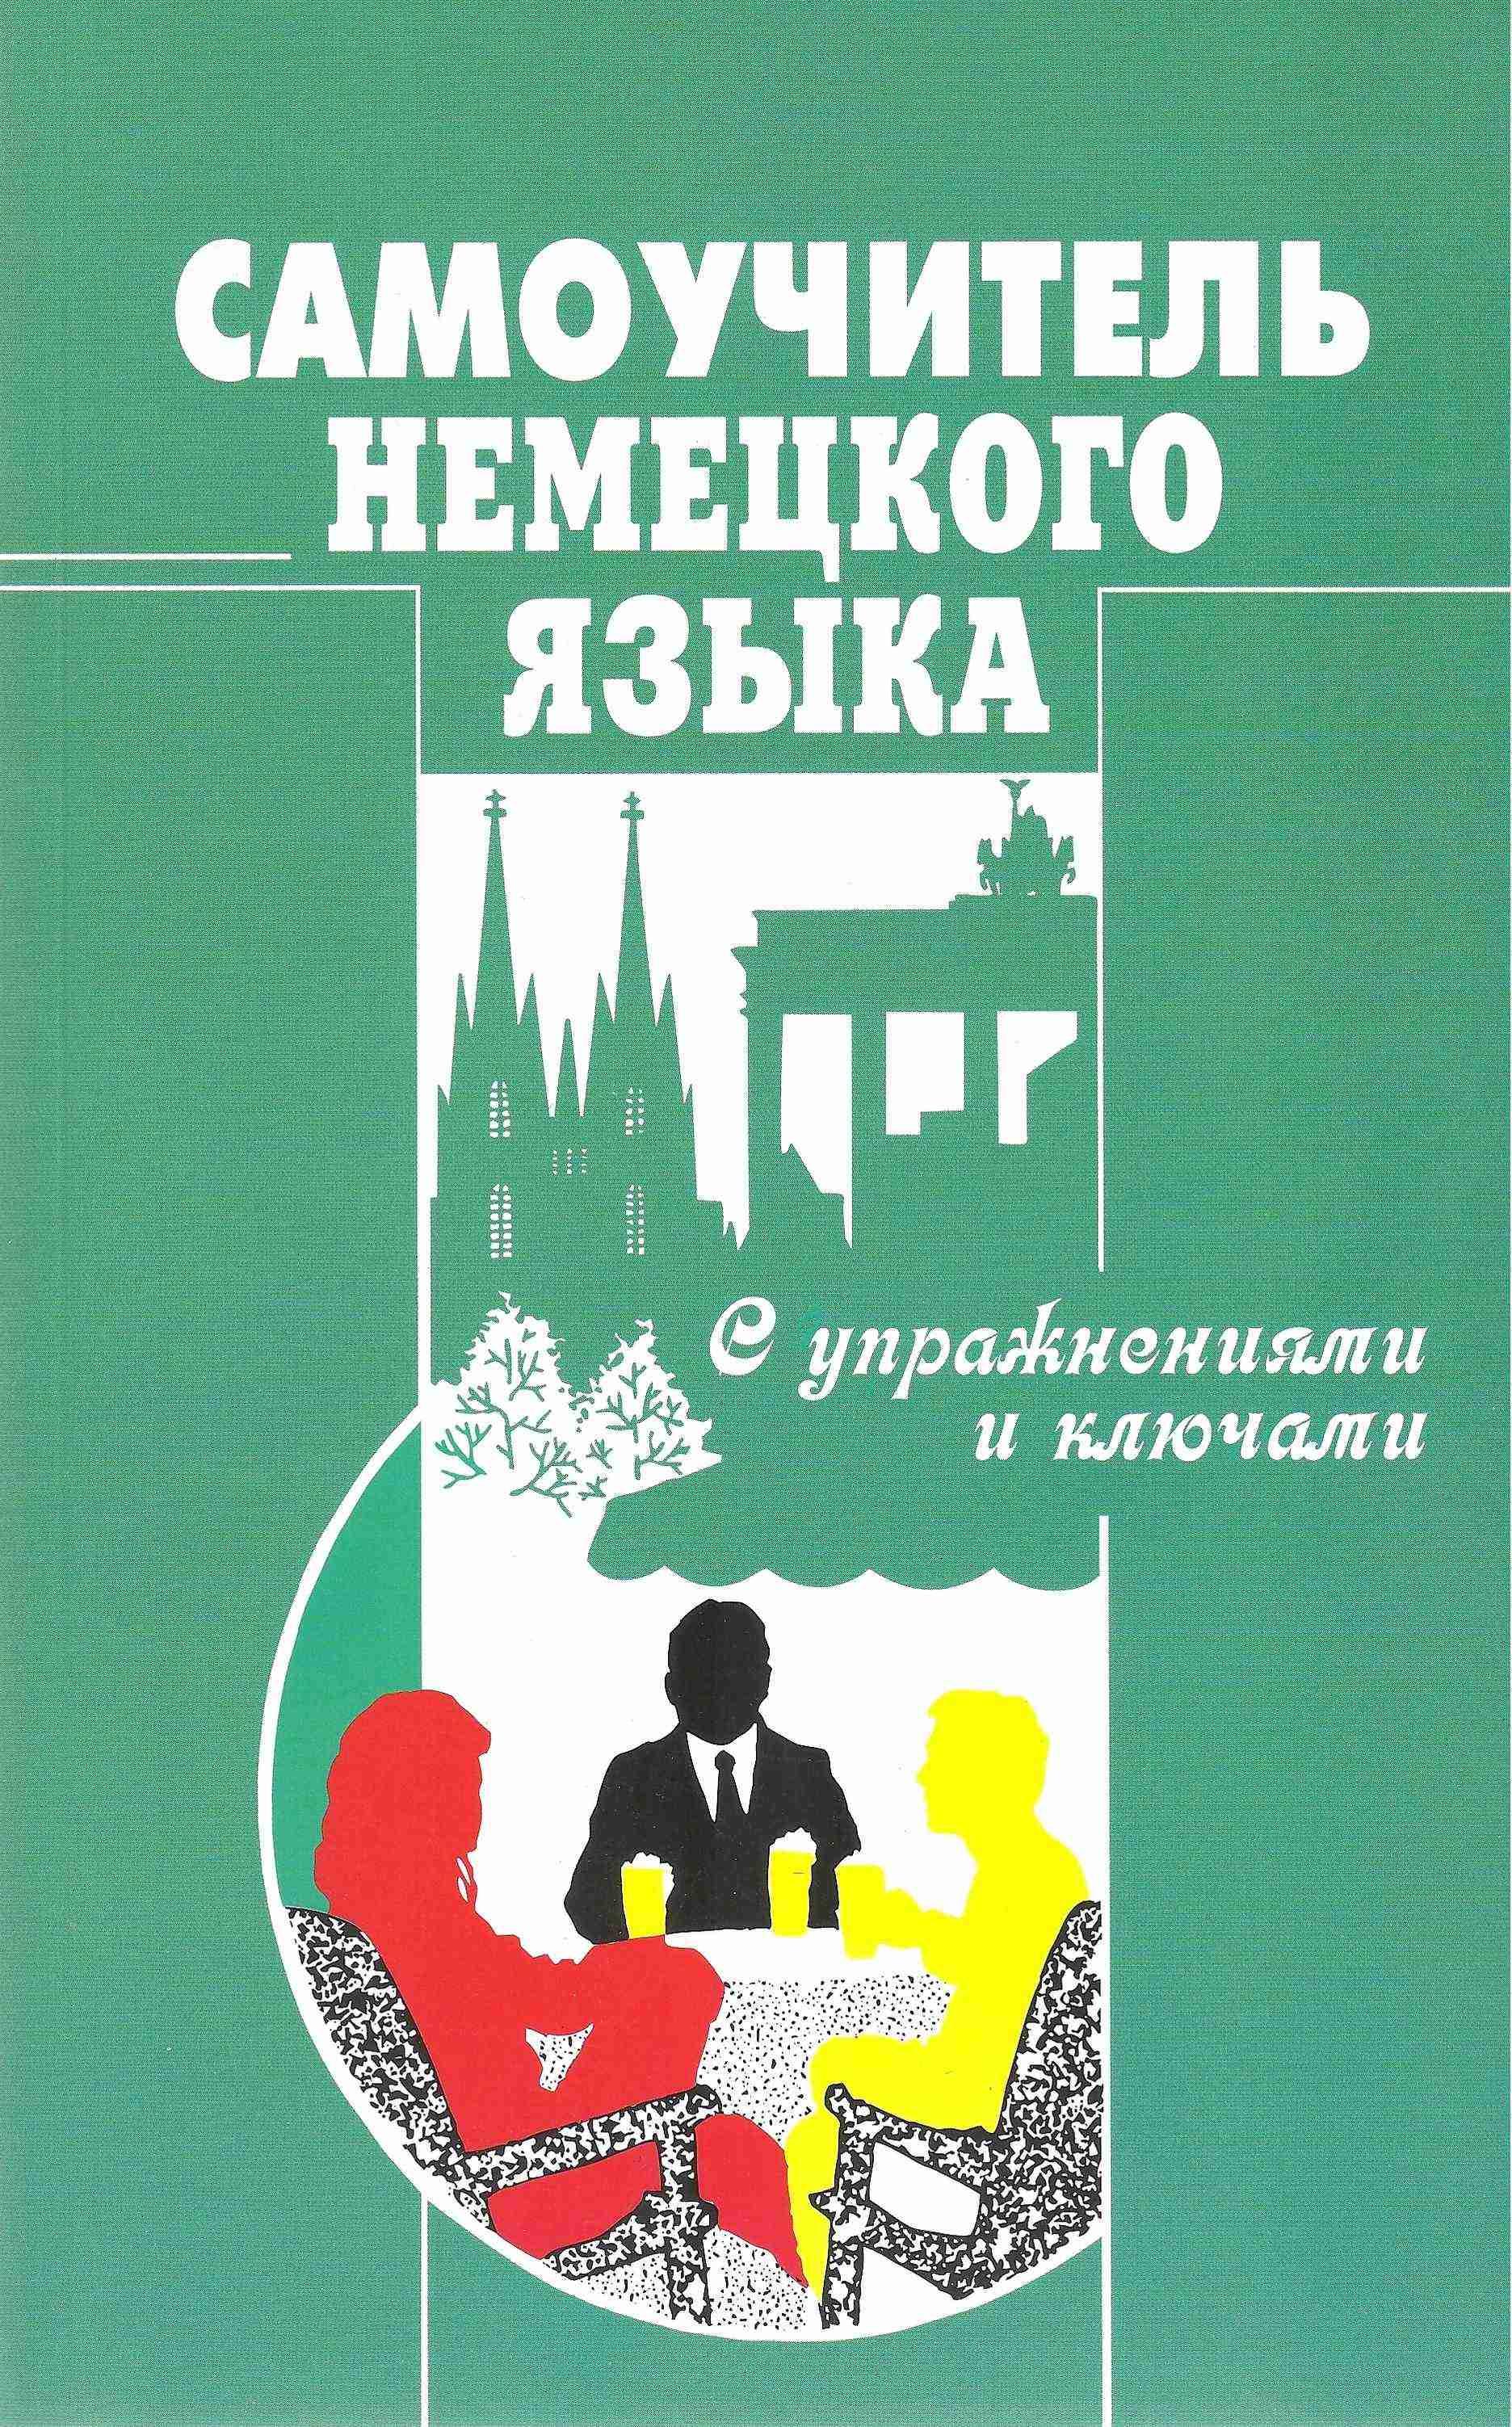 Самоучитель немецкого языка с упражнениями и ключами Москальская О. Методика Паблишинг